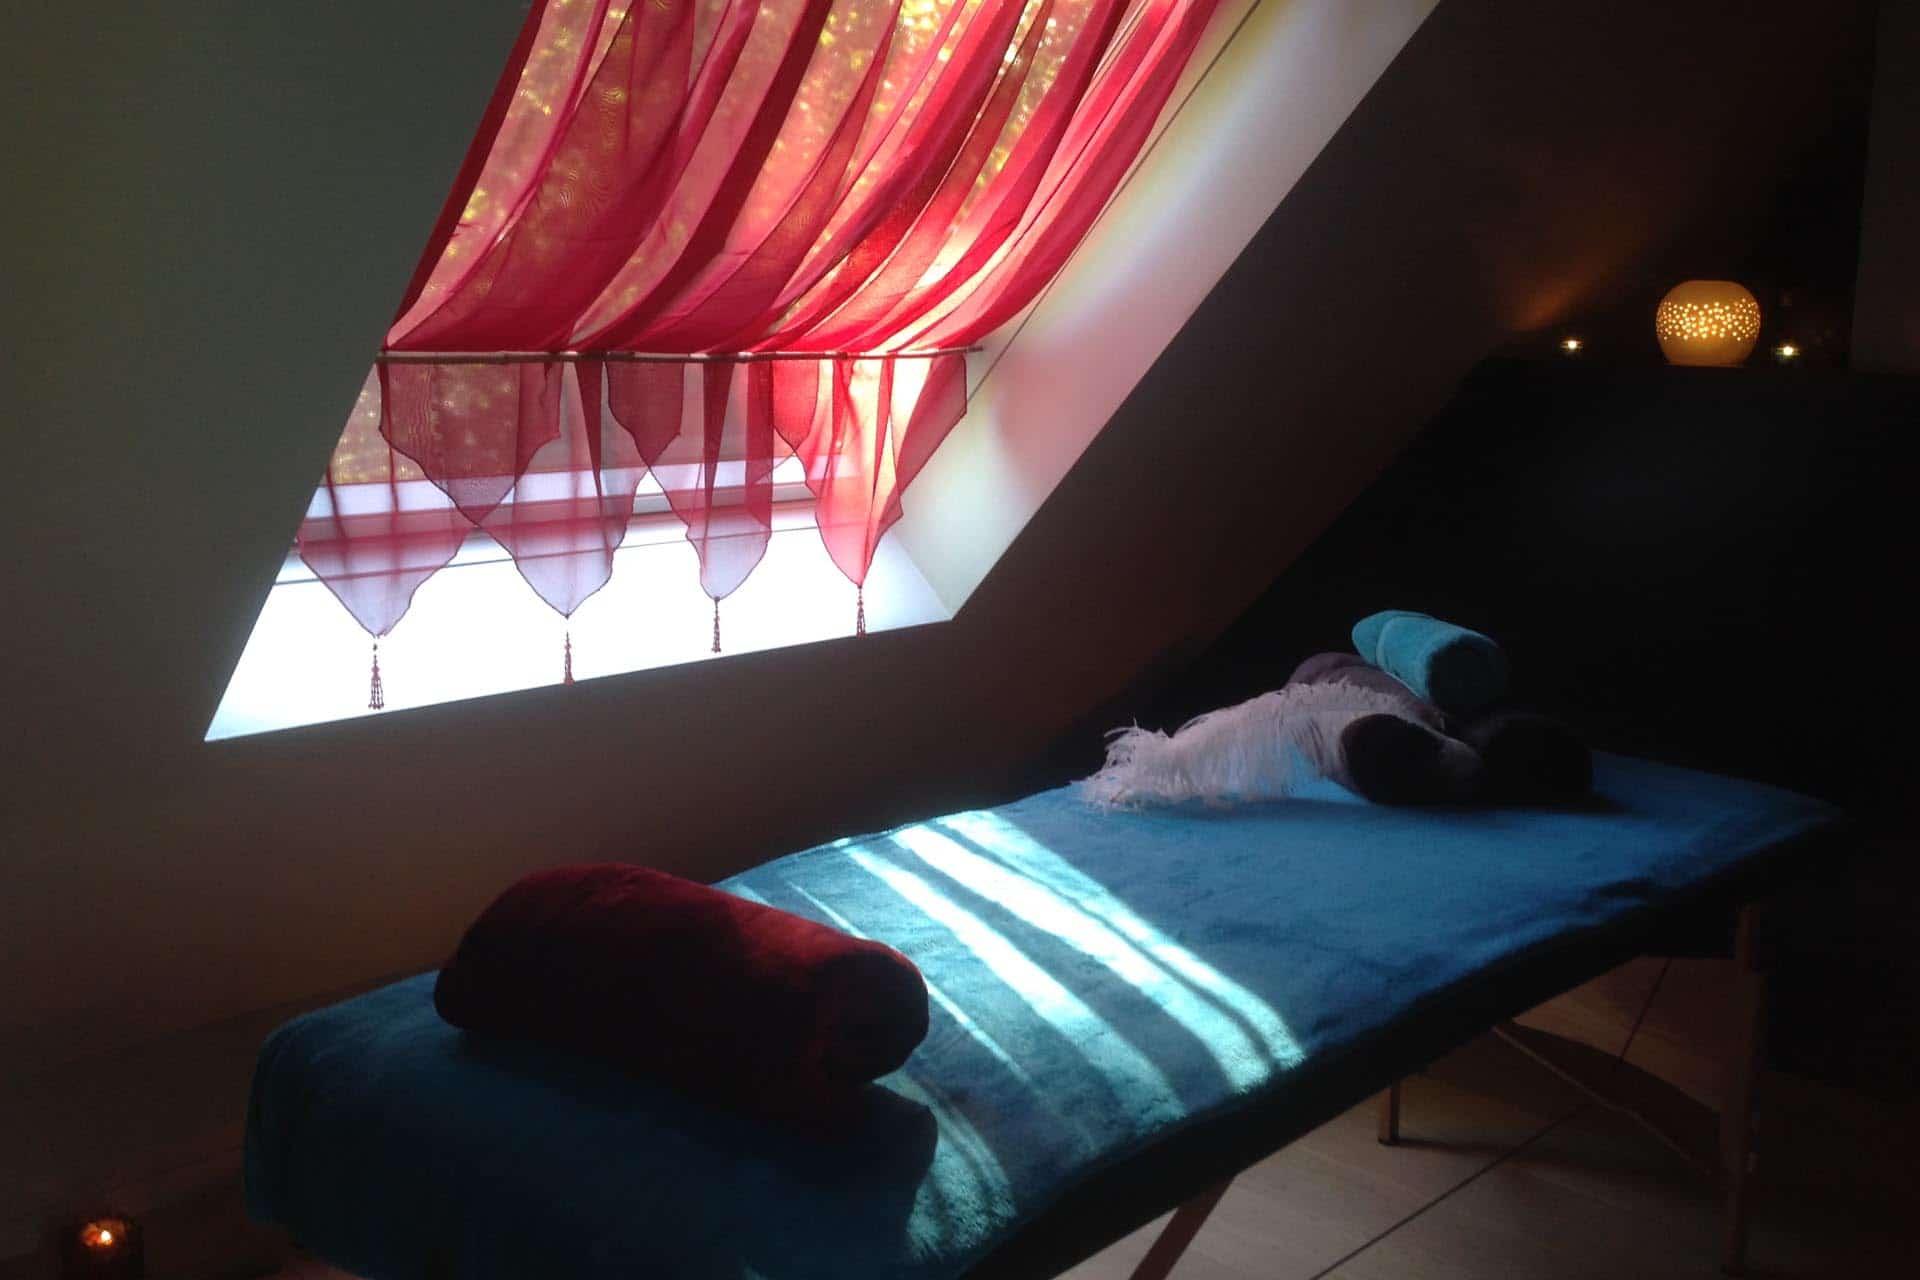 Accueil au 1001 nuits chambre d 39 h tes brabant wallon - Chambre d hote massage tantrique ...